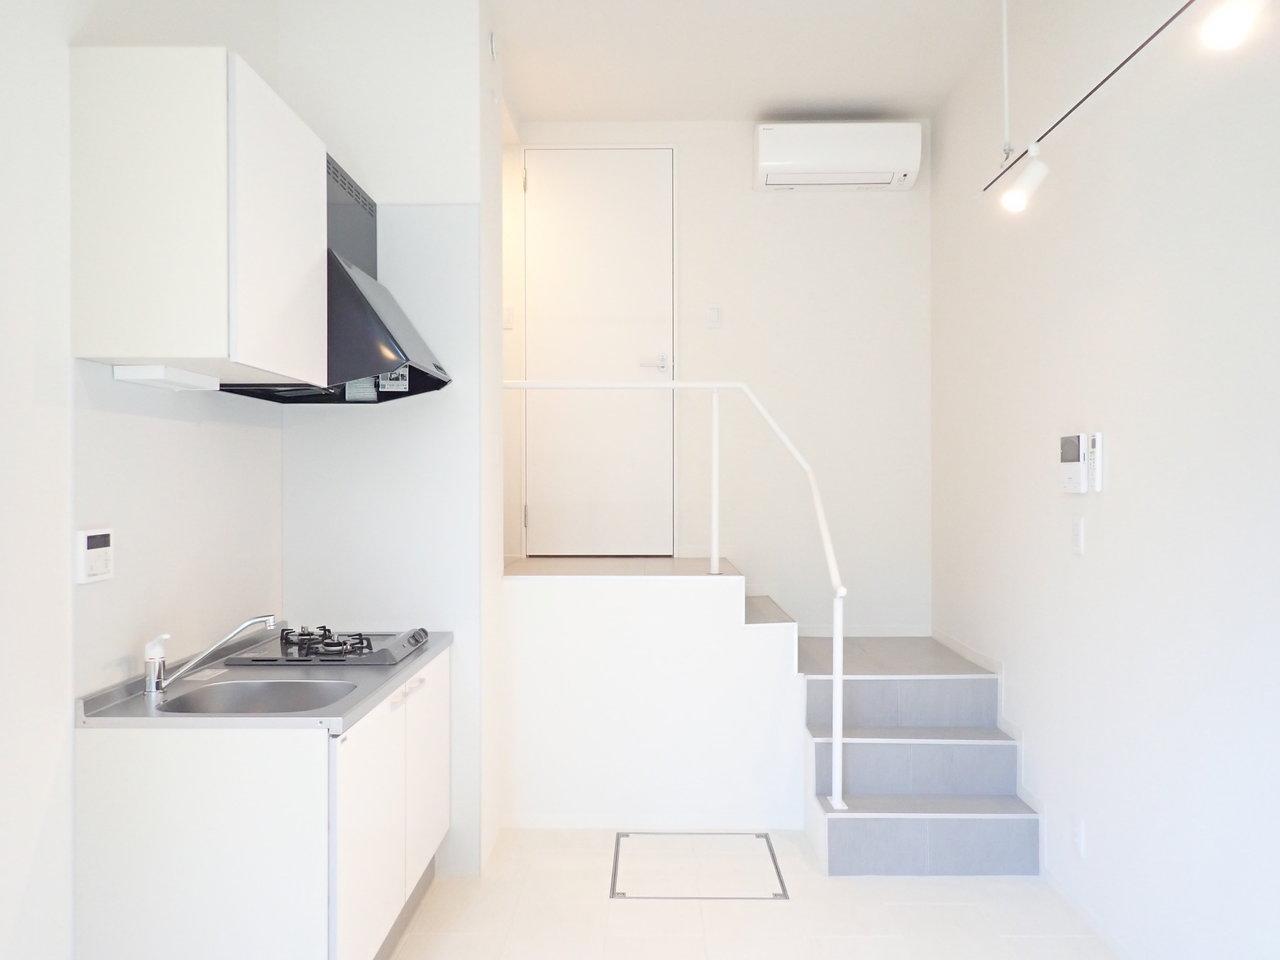 清潔感あふれる白が主役!東京都内&近郊・一人暮らし向けのお部屋まとめ